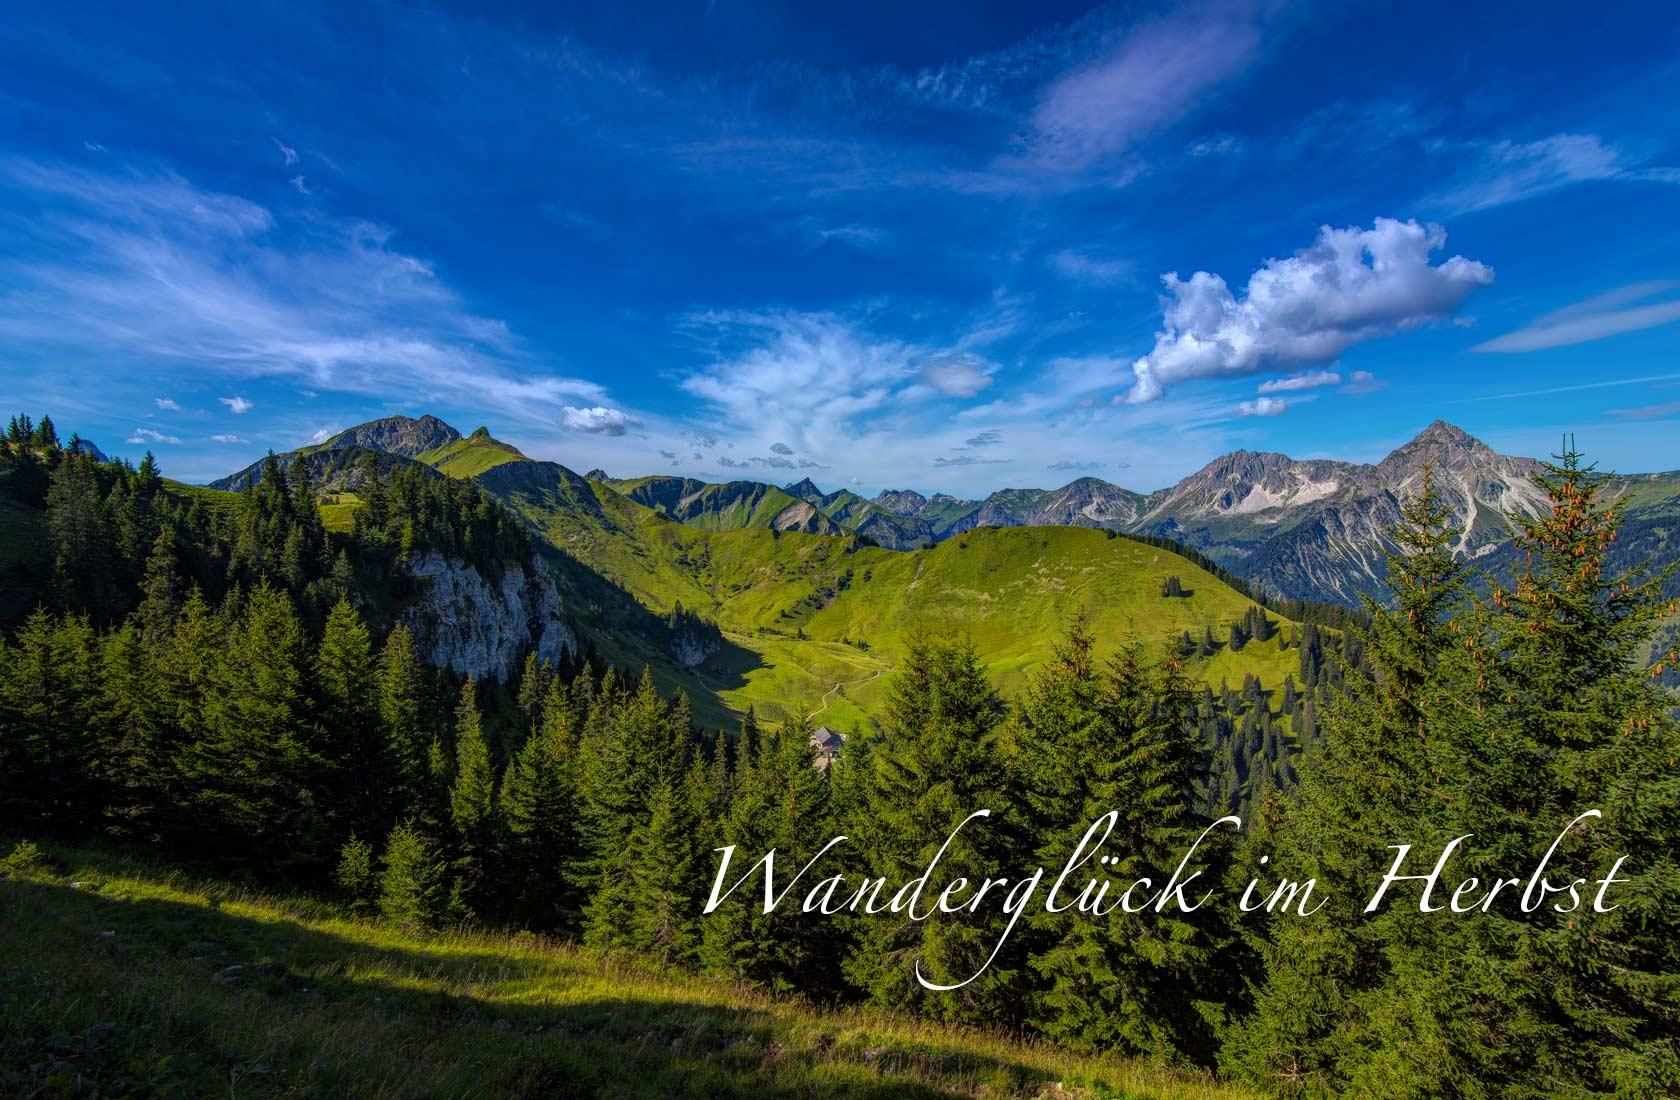 """Urlaubspauschale im Herbst """"Wanderglück am Haldensee"""" im Hotel Via Salina"""